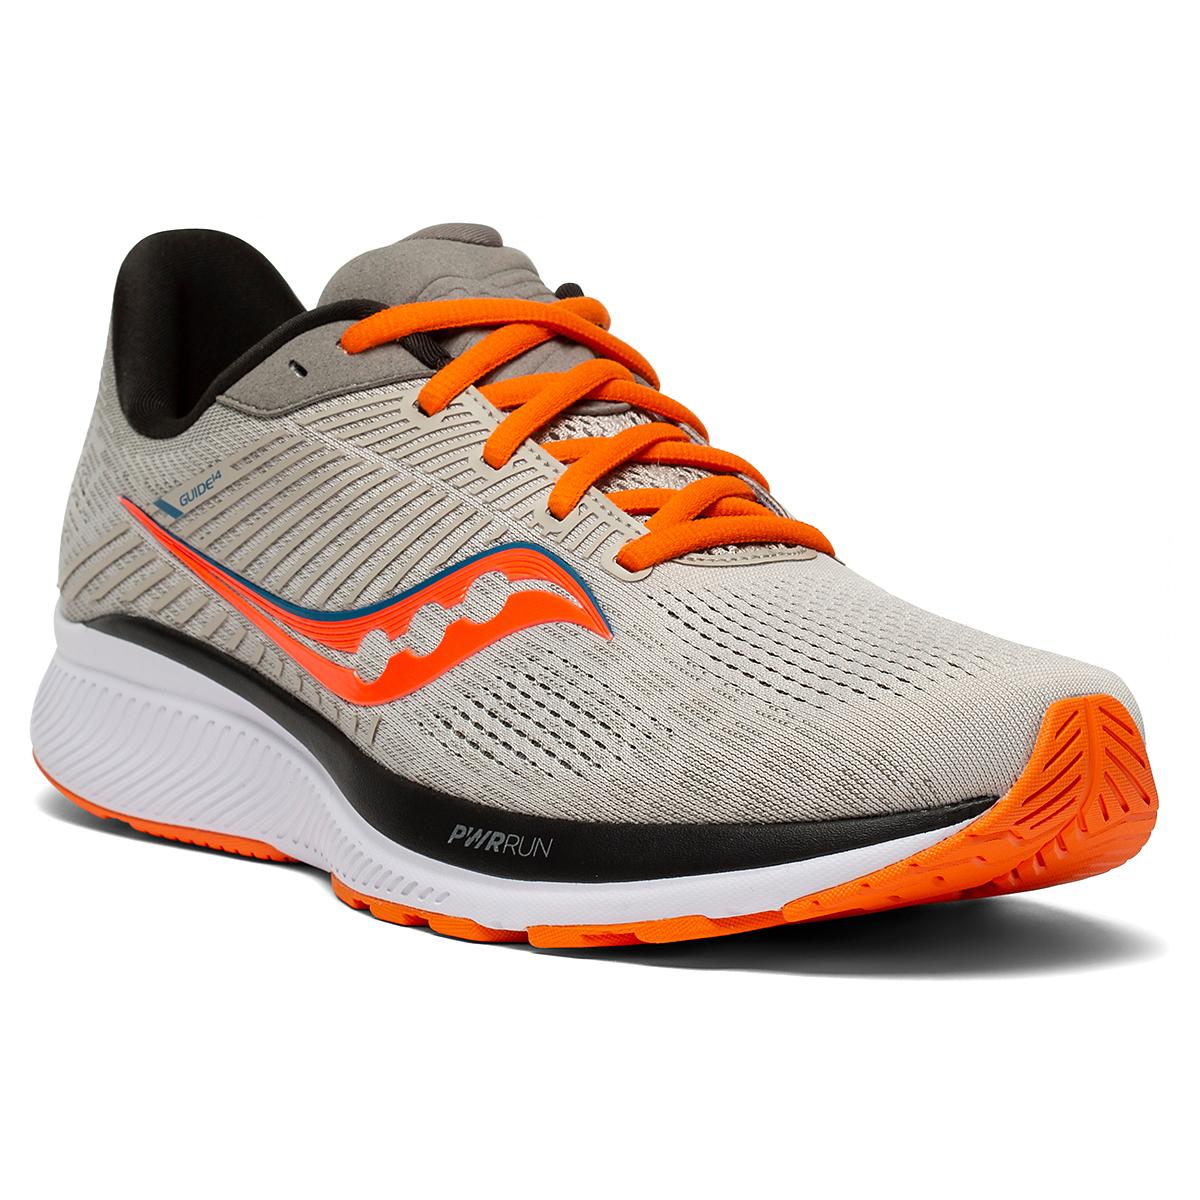 Men's Saucony Guide 14 Running Shoe - Color: Jackalope - Size: 7 - Width: Regular, Jackalope, large, image 5